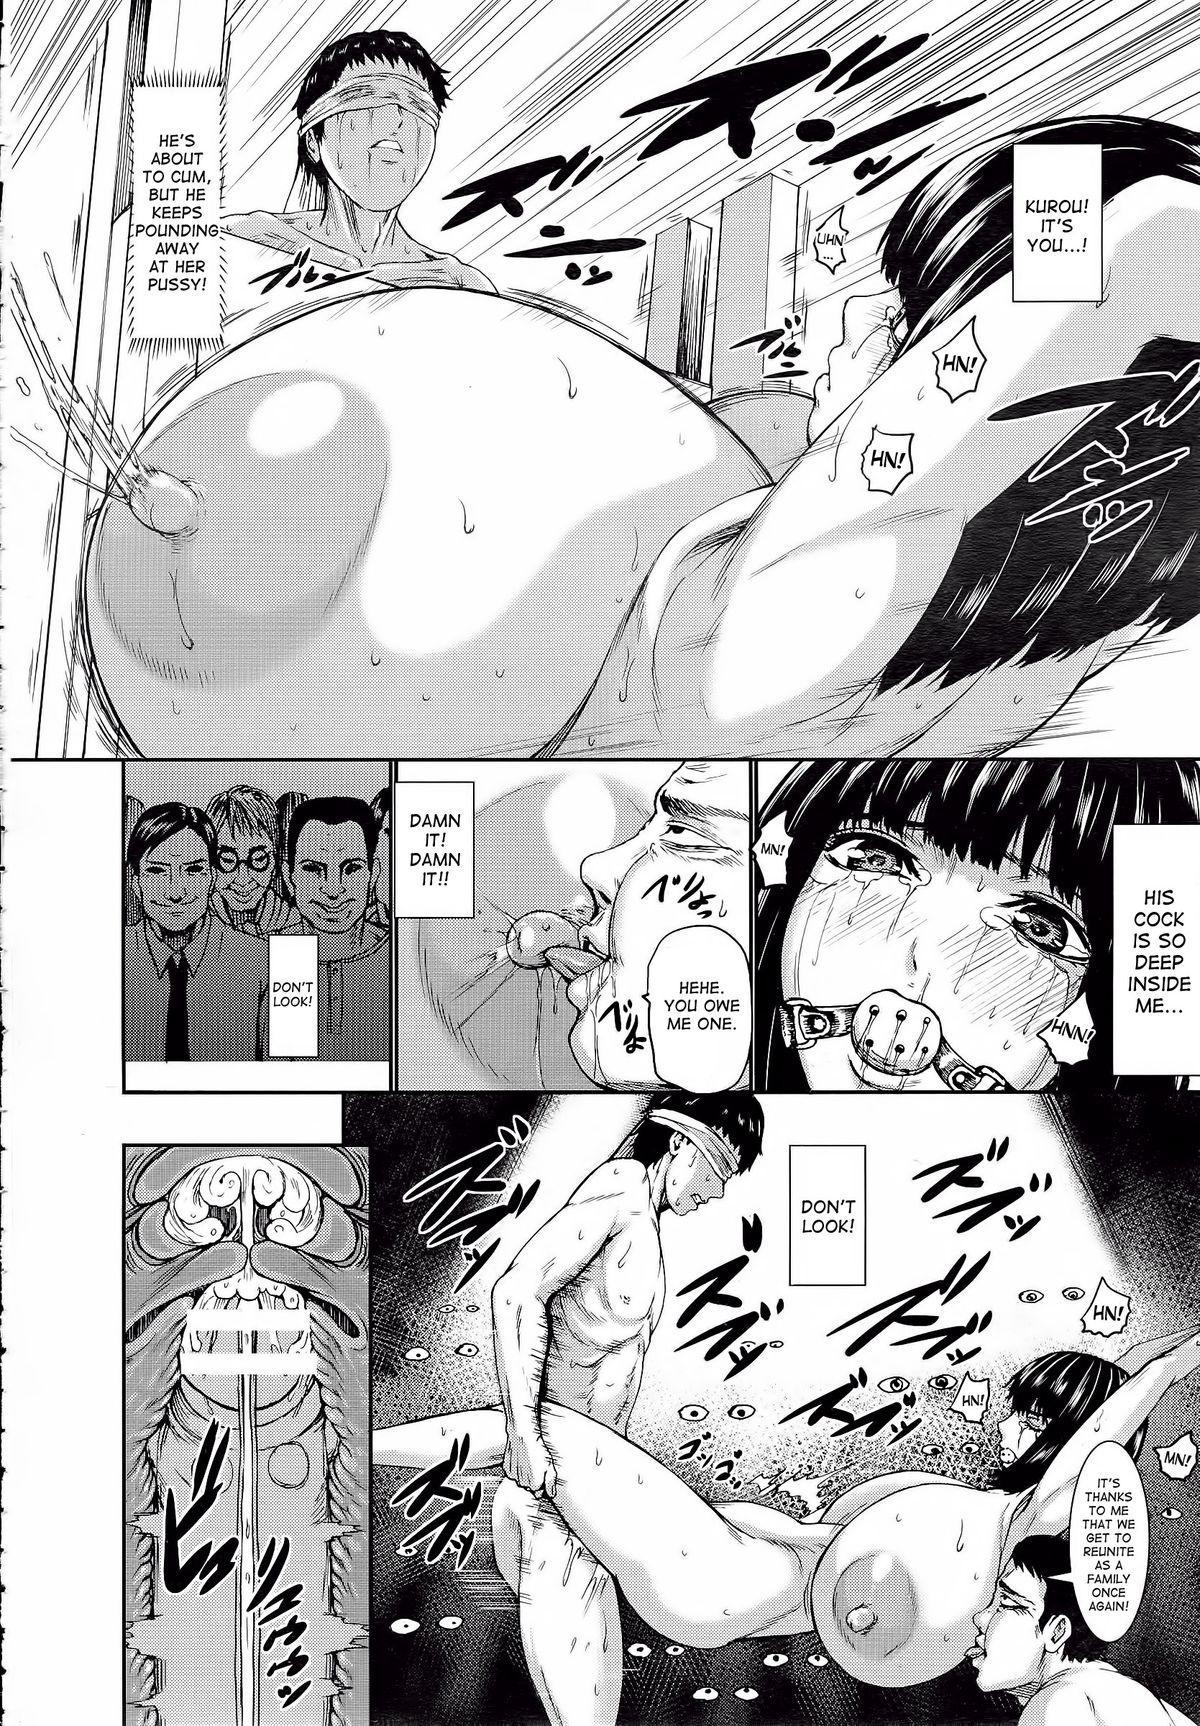 [PIero] Kuroyuki ~Inniku Sakunyuu Jigoku~ Kouhen | Black Snow ~The Depraved Cow-milking Hell~ part 2 (ANGEL Club 2015-05) [English] [desudesu] 17